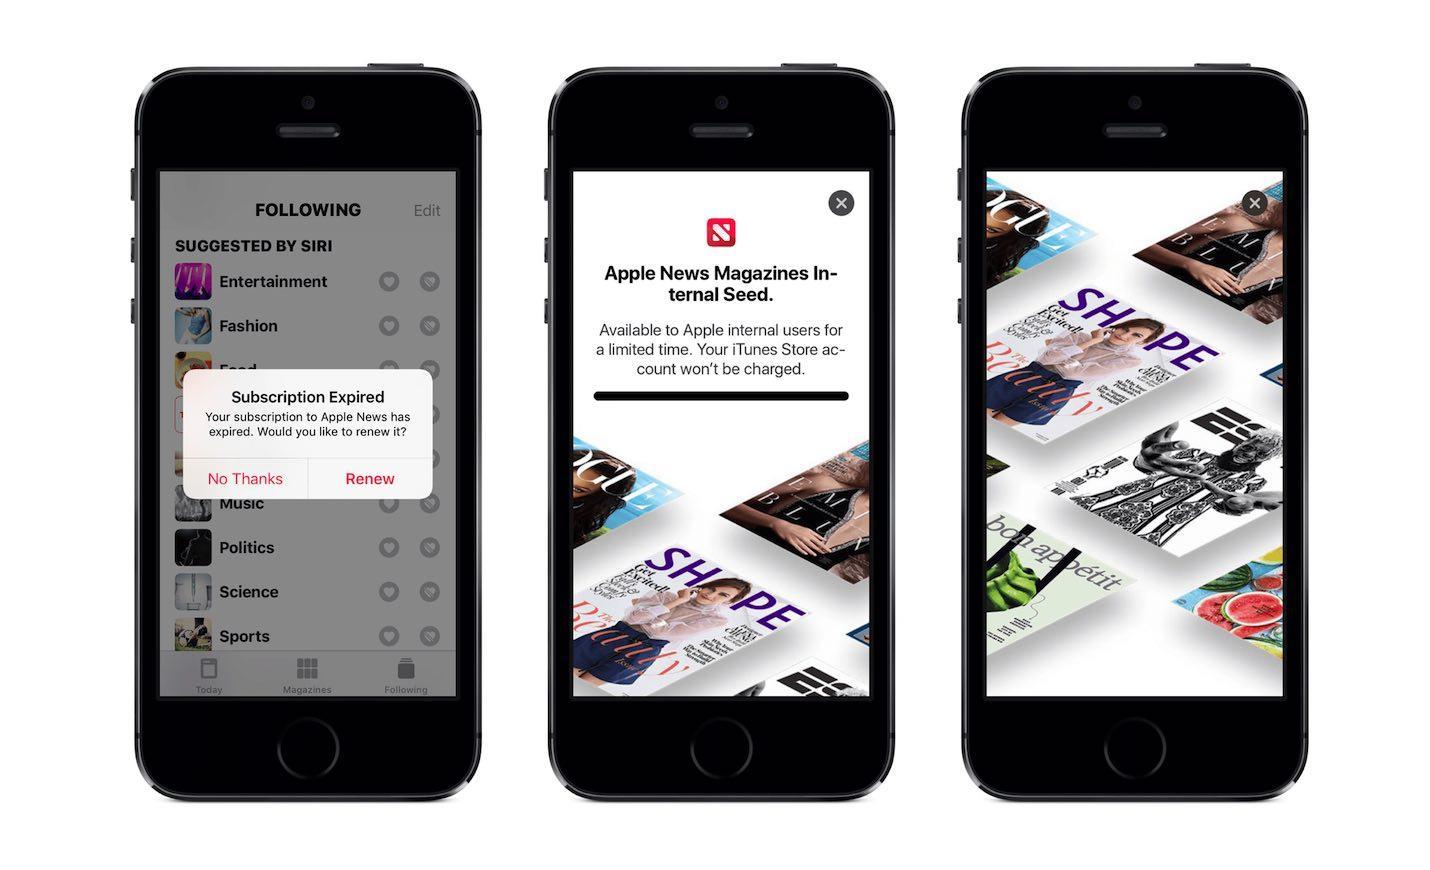 Aplicativo Apple News para apresentar o recurso de assinaturas de revistas